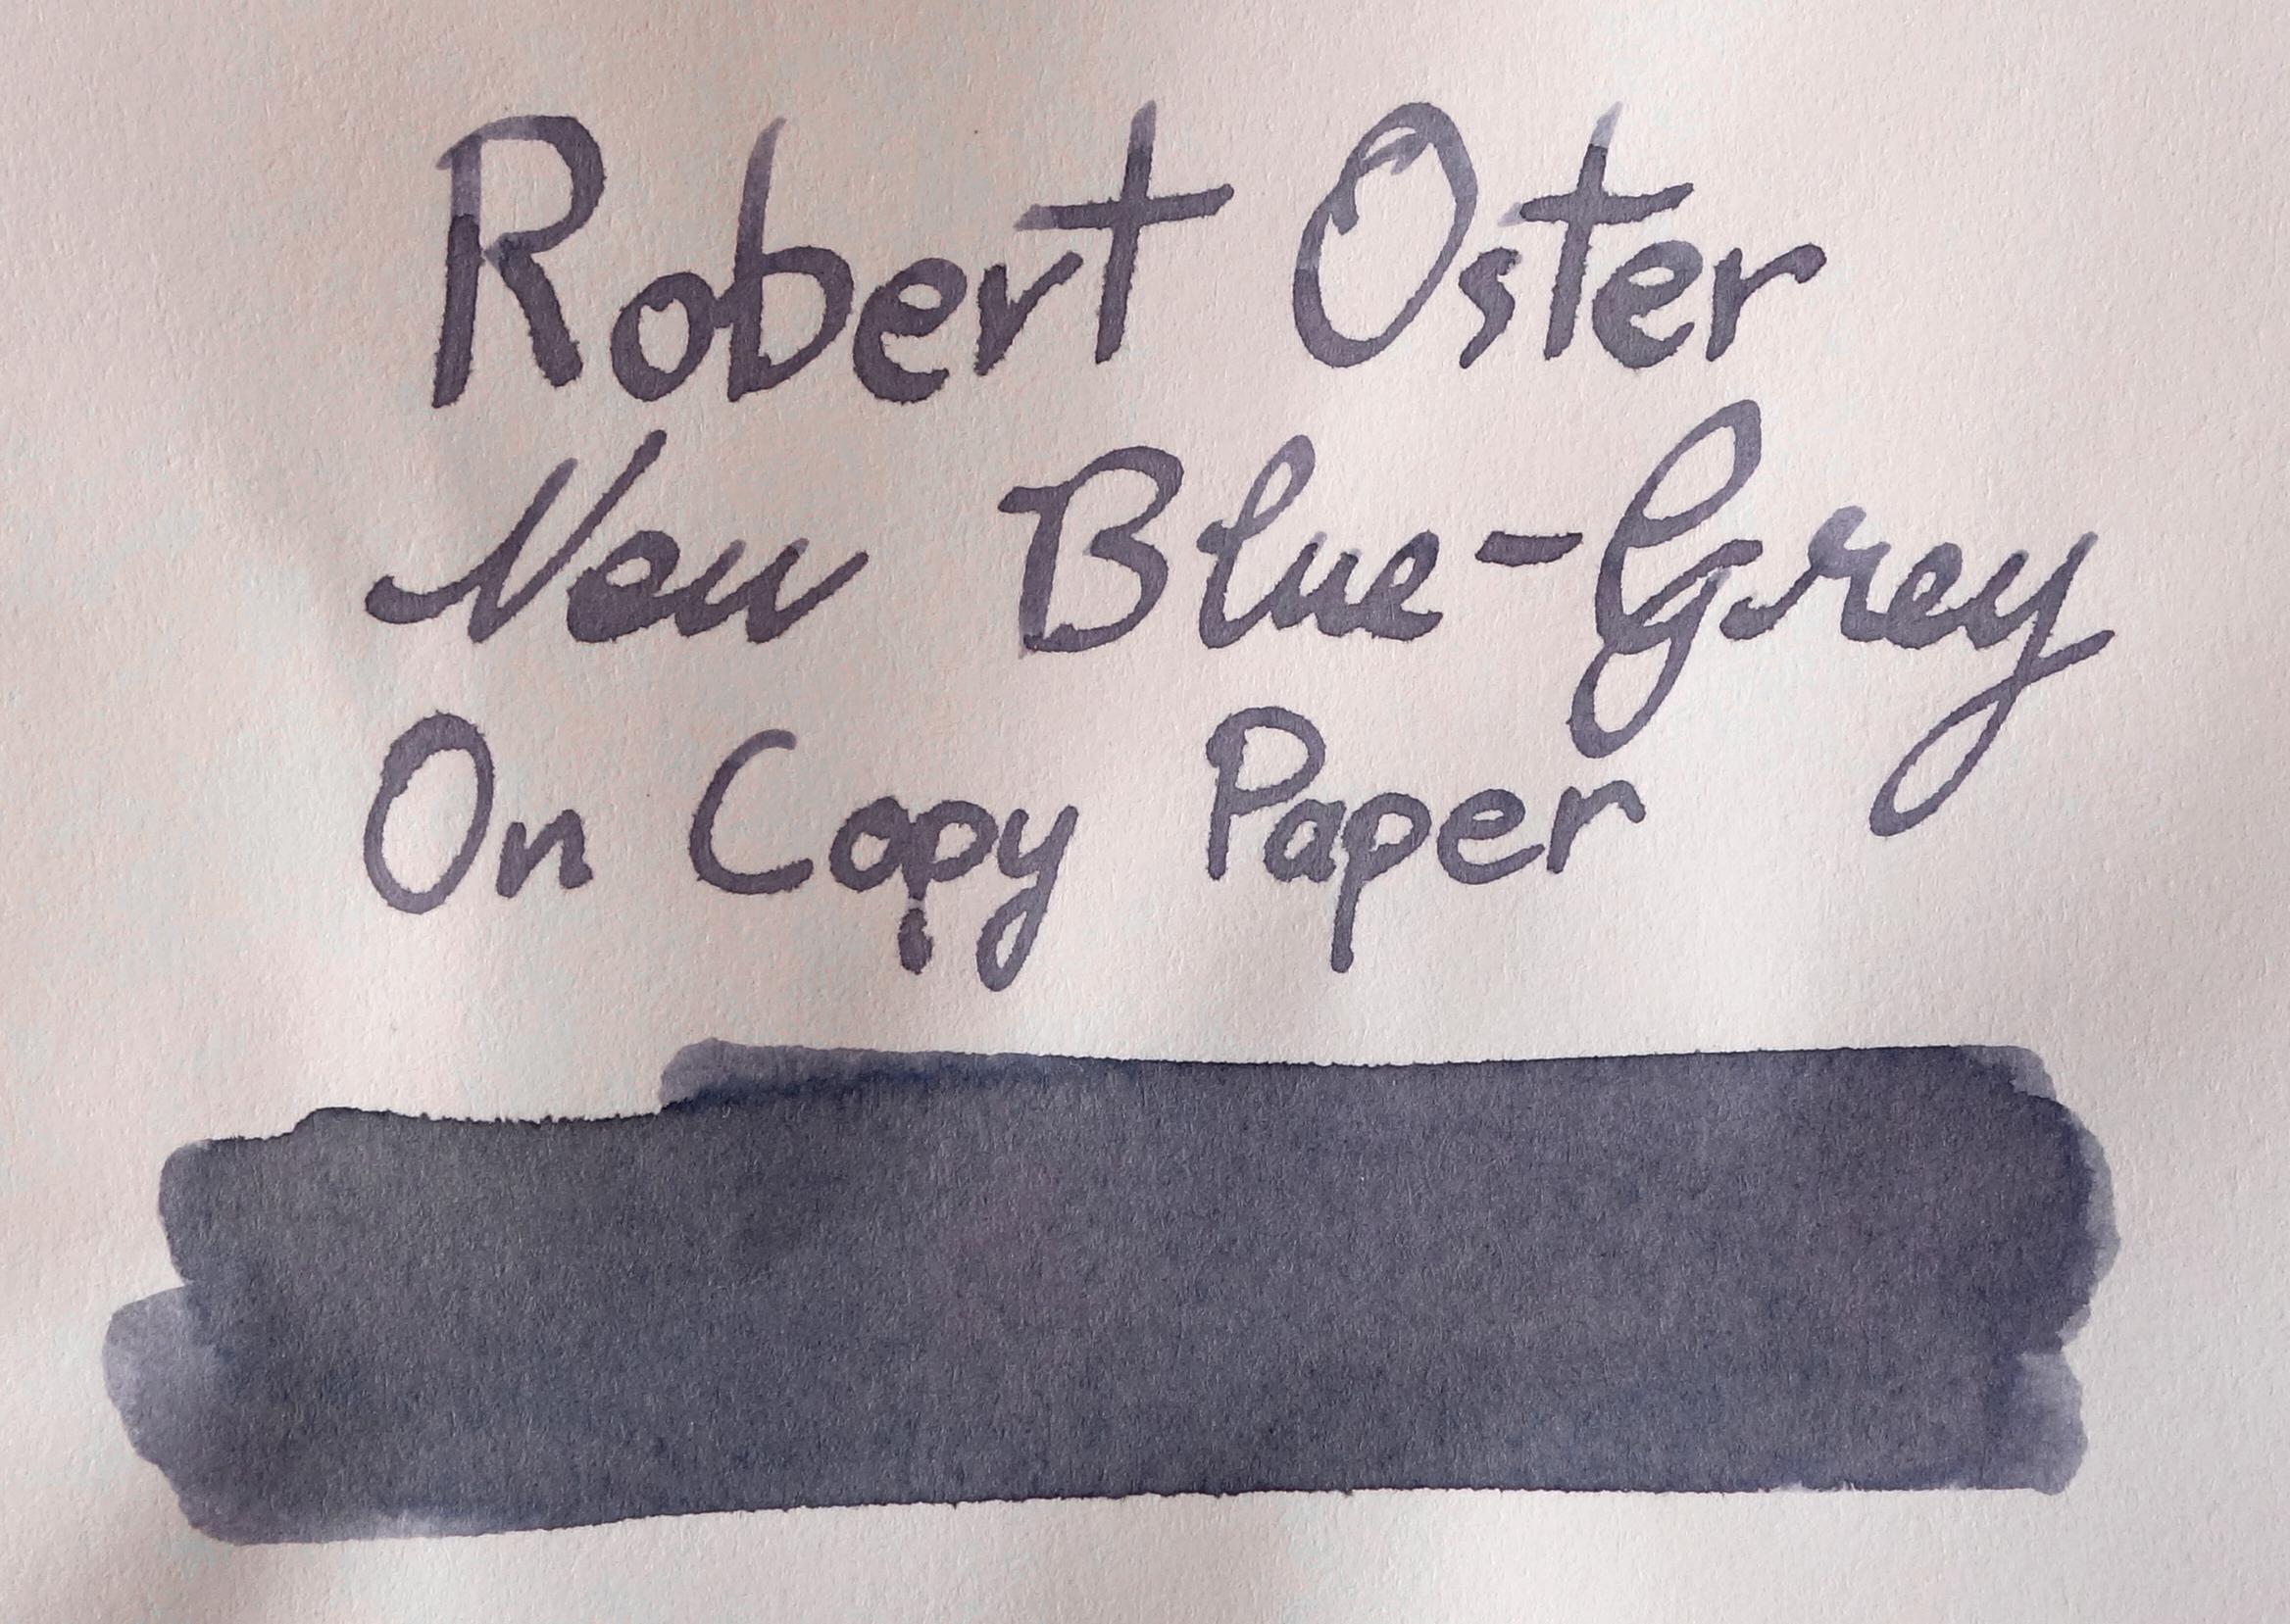 Copy Paper (Photo)